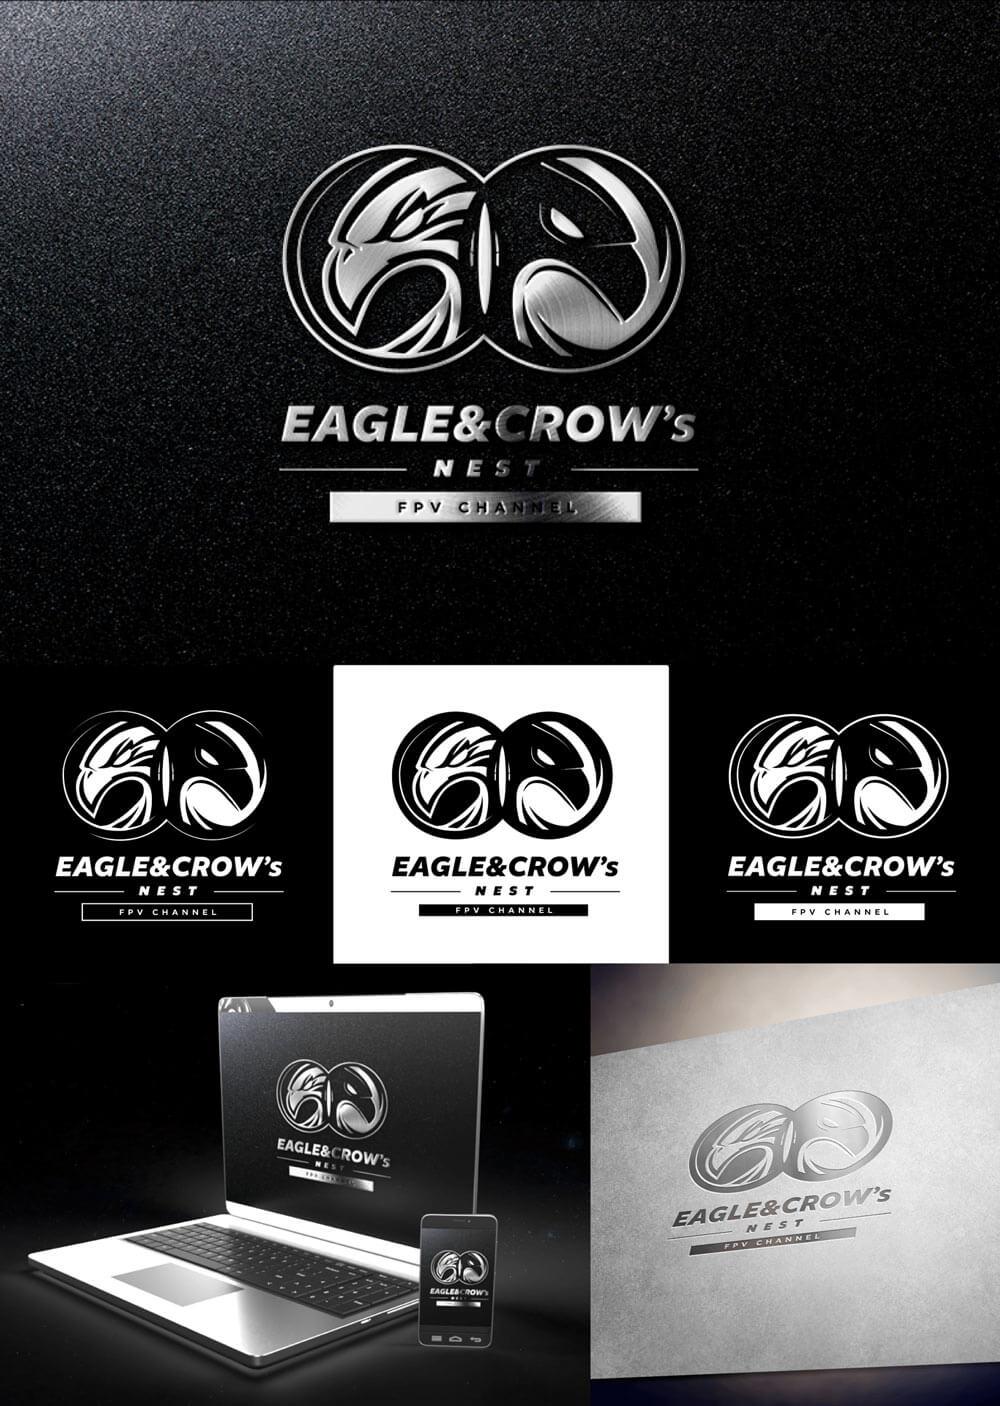 izrada loga i vizualni identiet - eagle&crow's nest